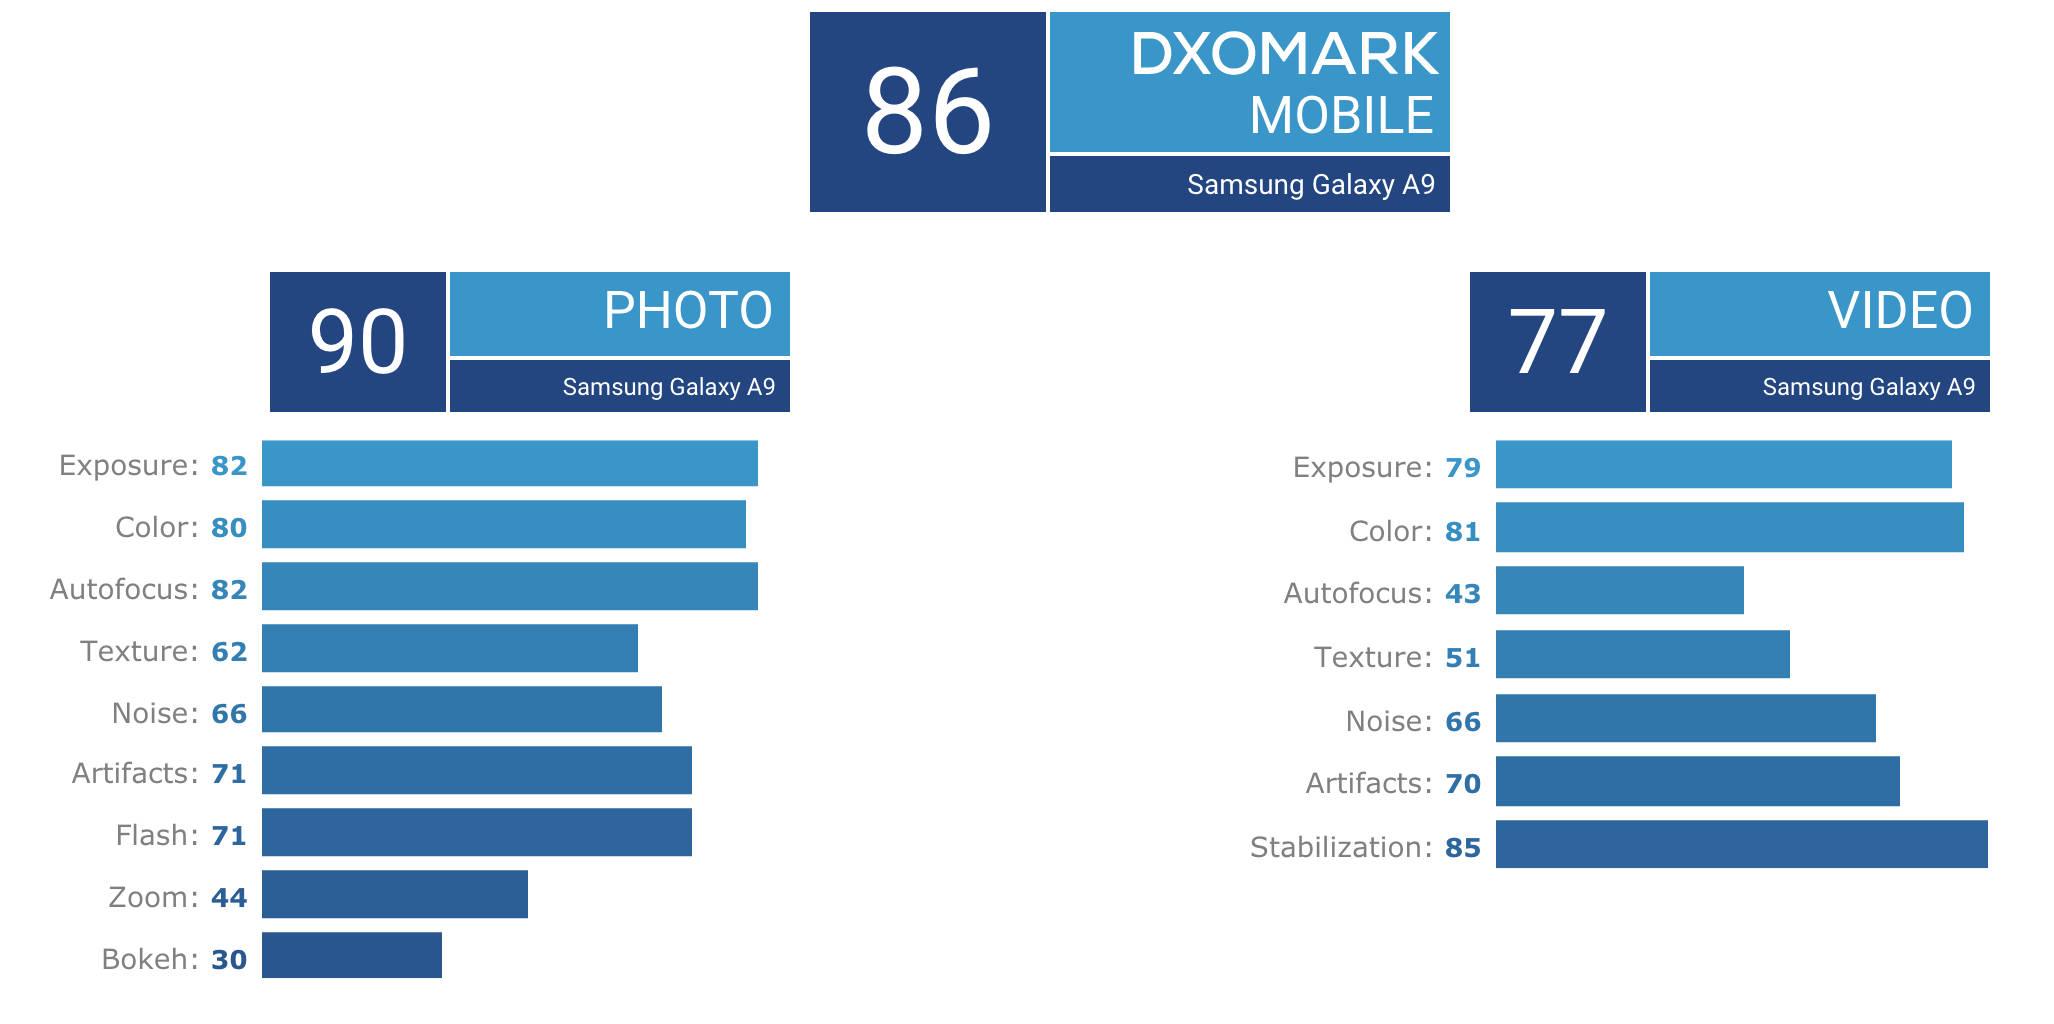 Samsung Galaxy A9 S10 DxOMark Mobile aparat ocena możliwości opinie gdzie kupić najtaniej w Polsceii